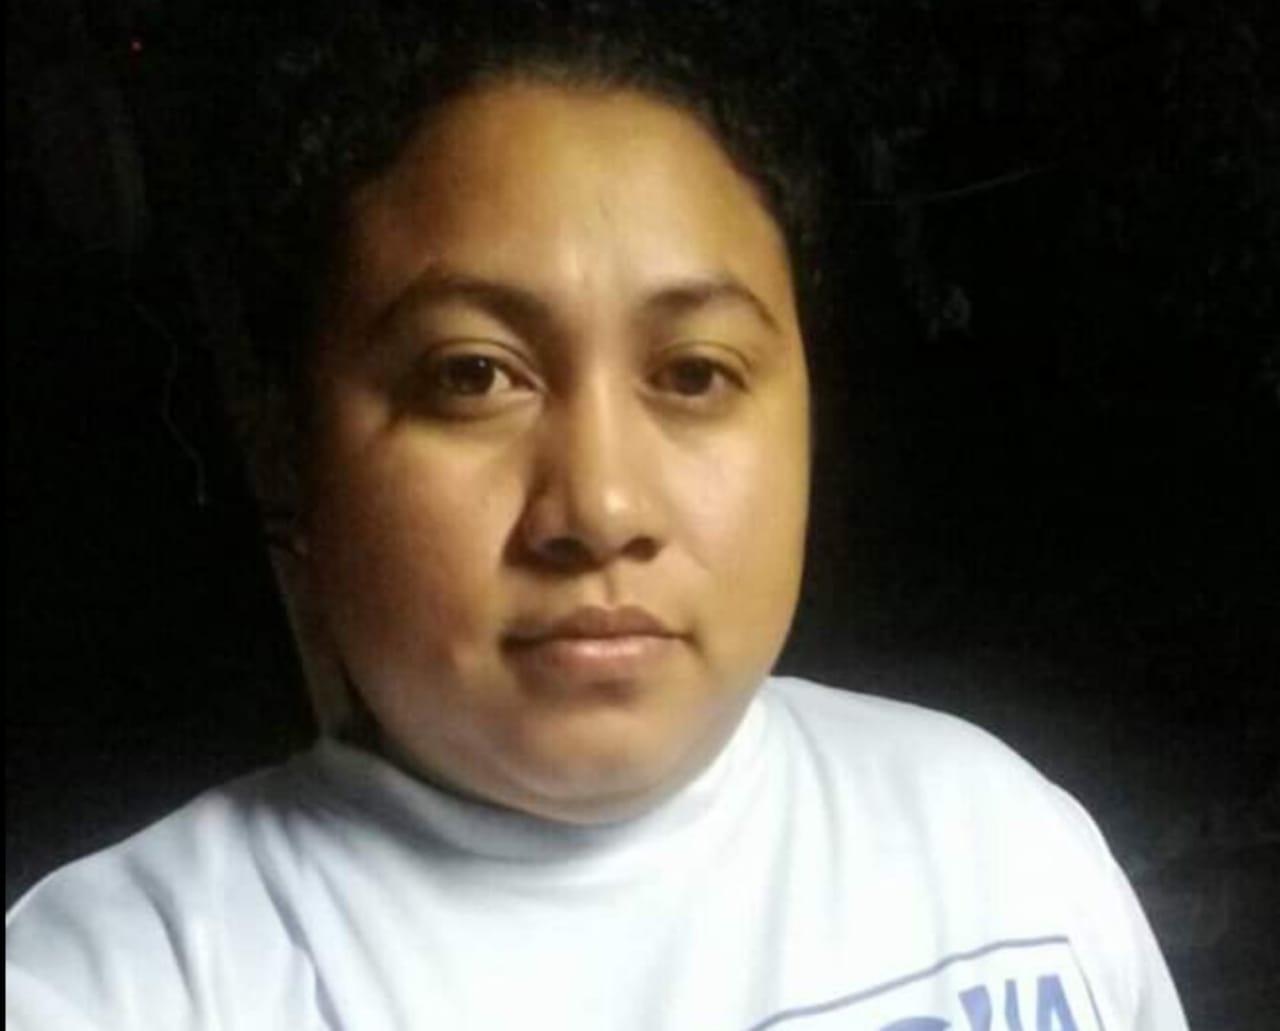 Presa política María Jesús Gómez, de 30 años, originaria de la ciudad de Masaya